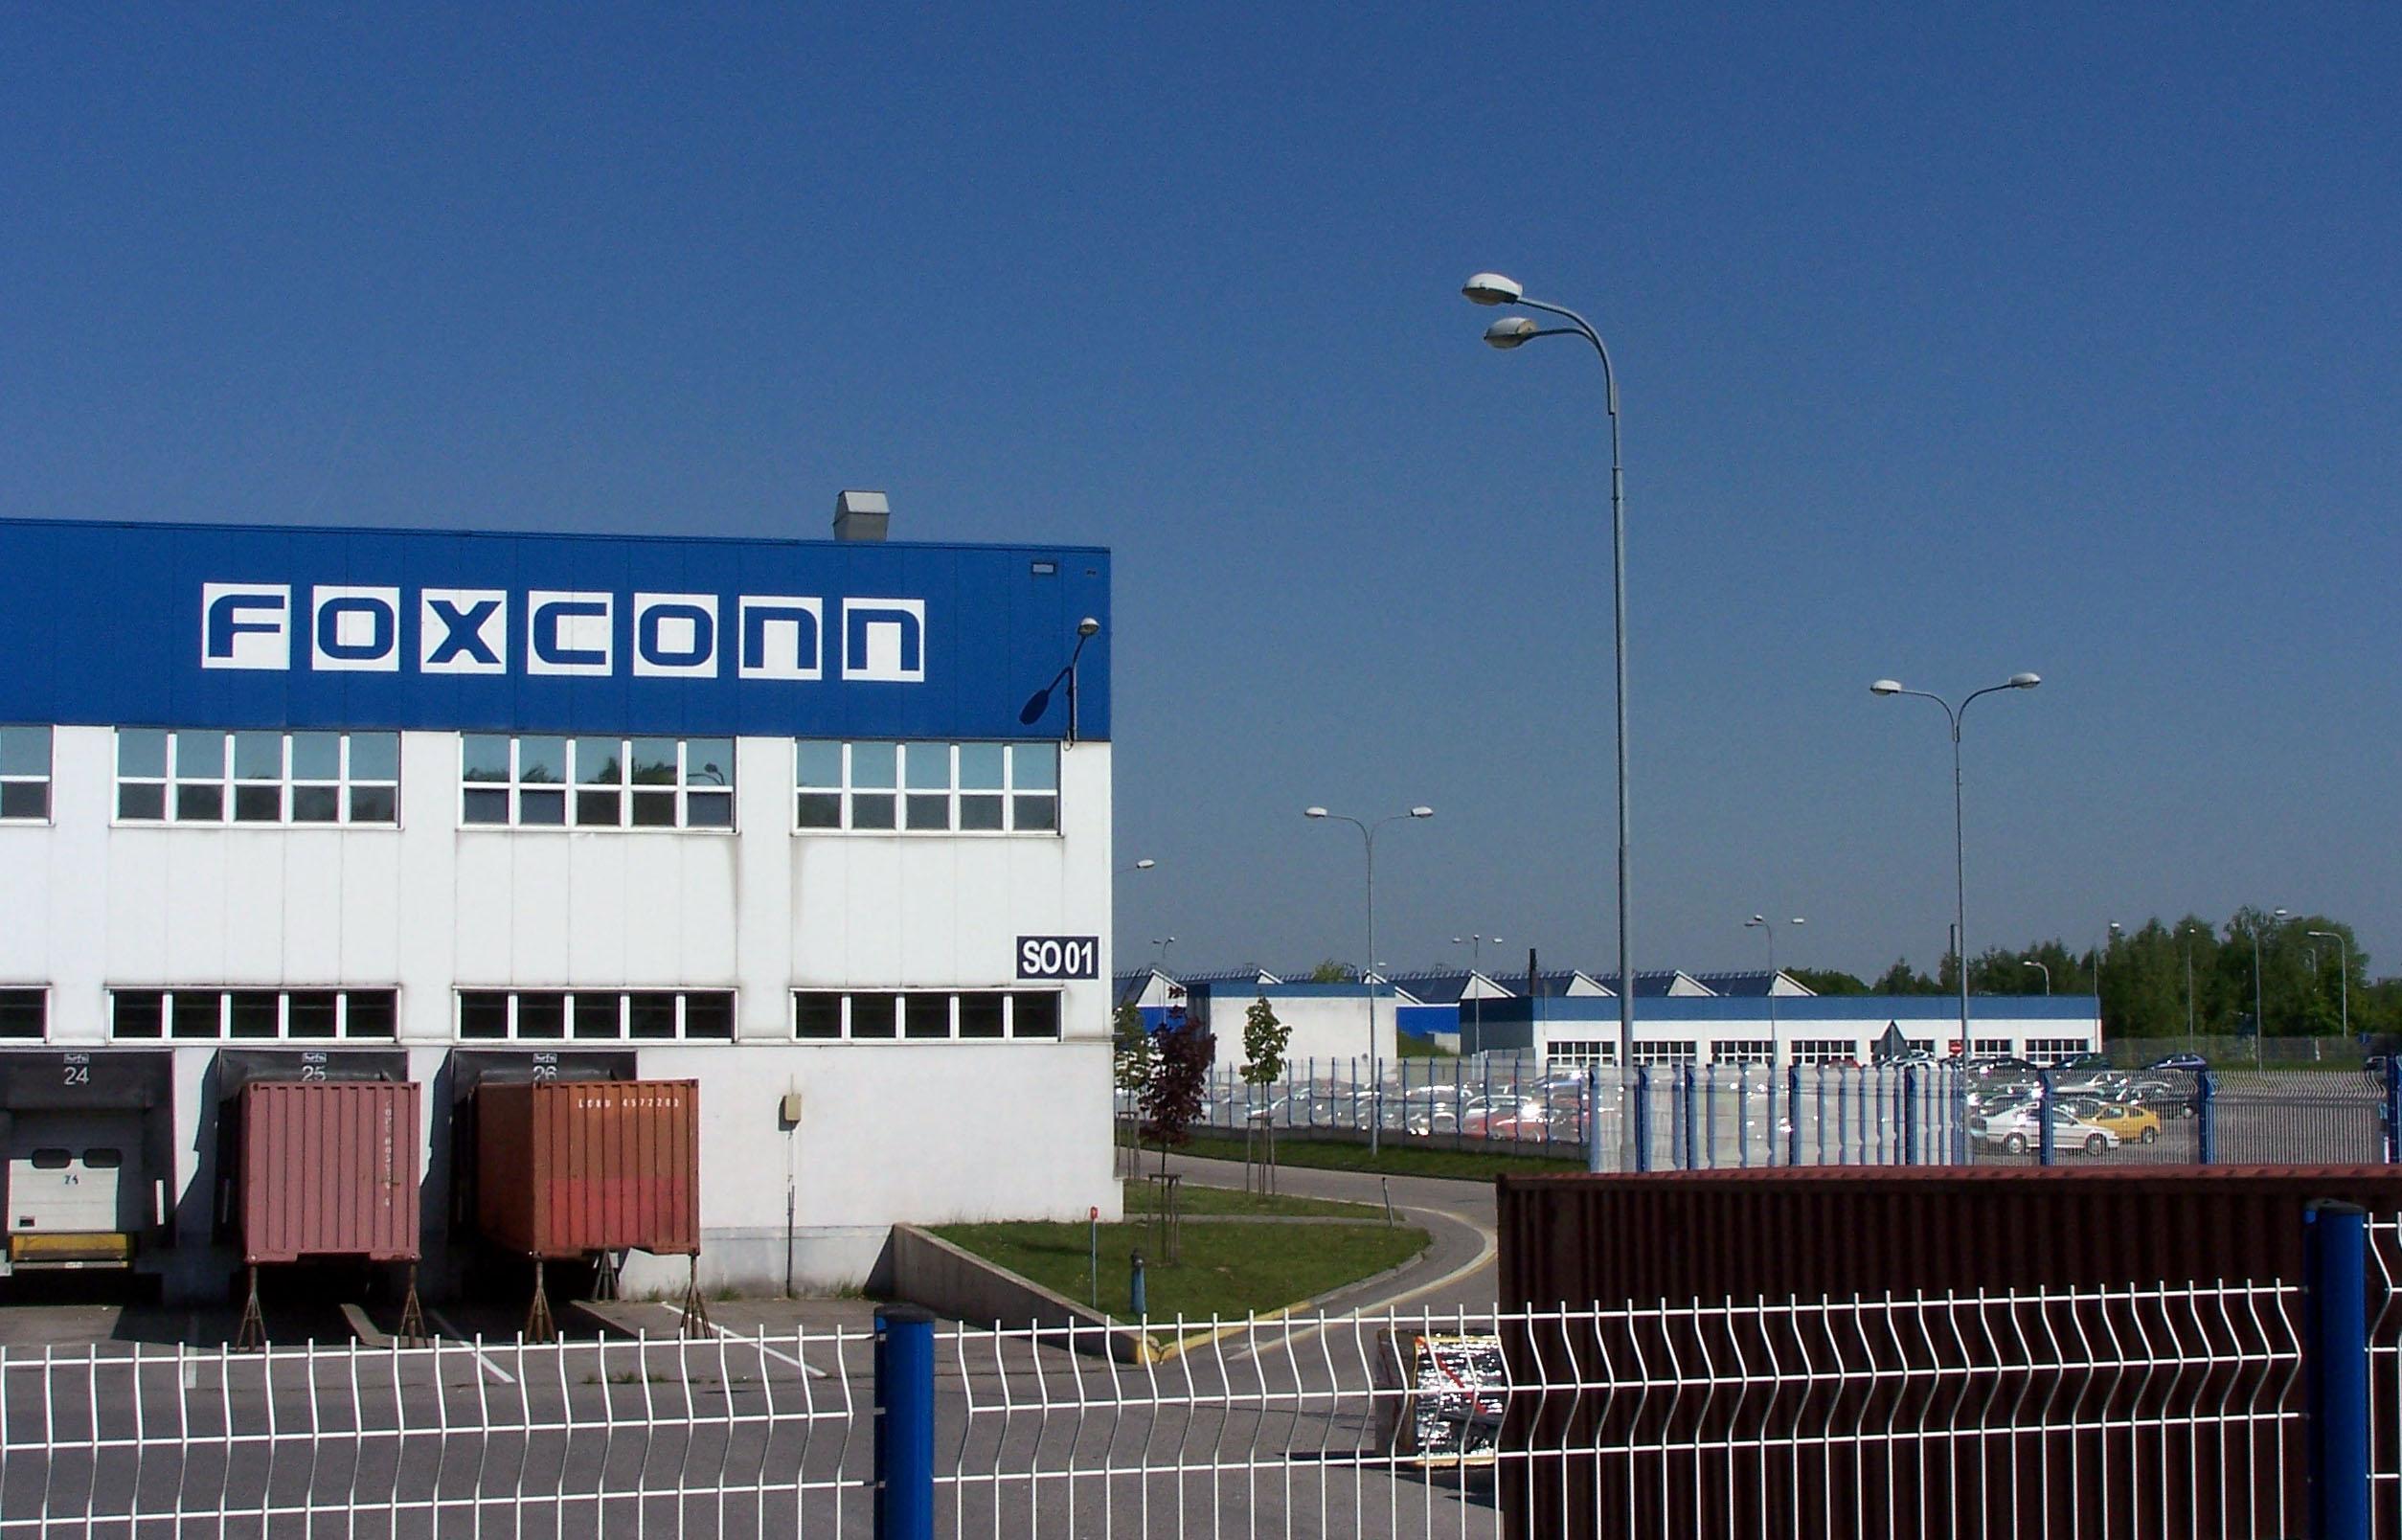 Foxconn покупает Belkin иLinksys повыгодной цене для выпуска новых устройств